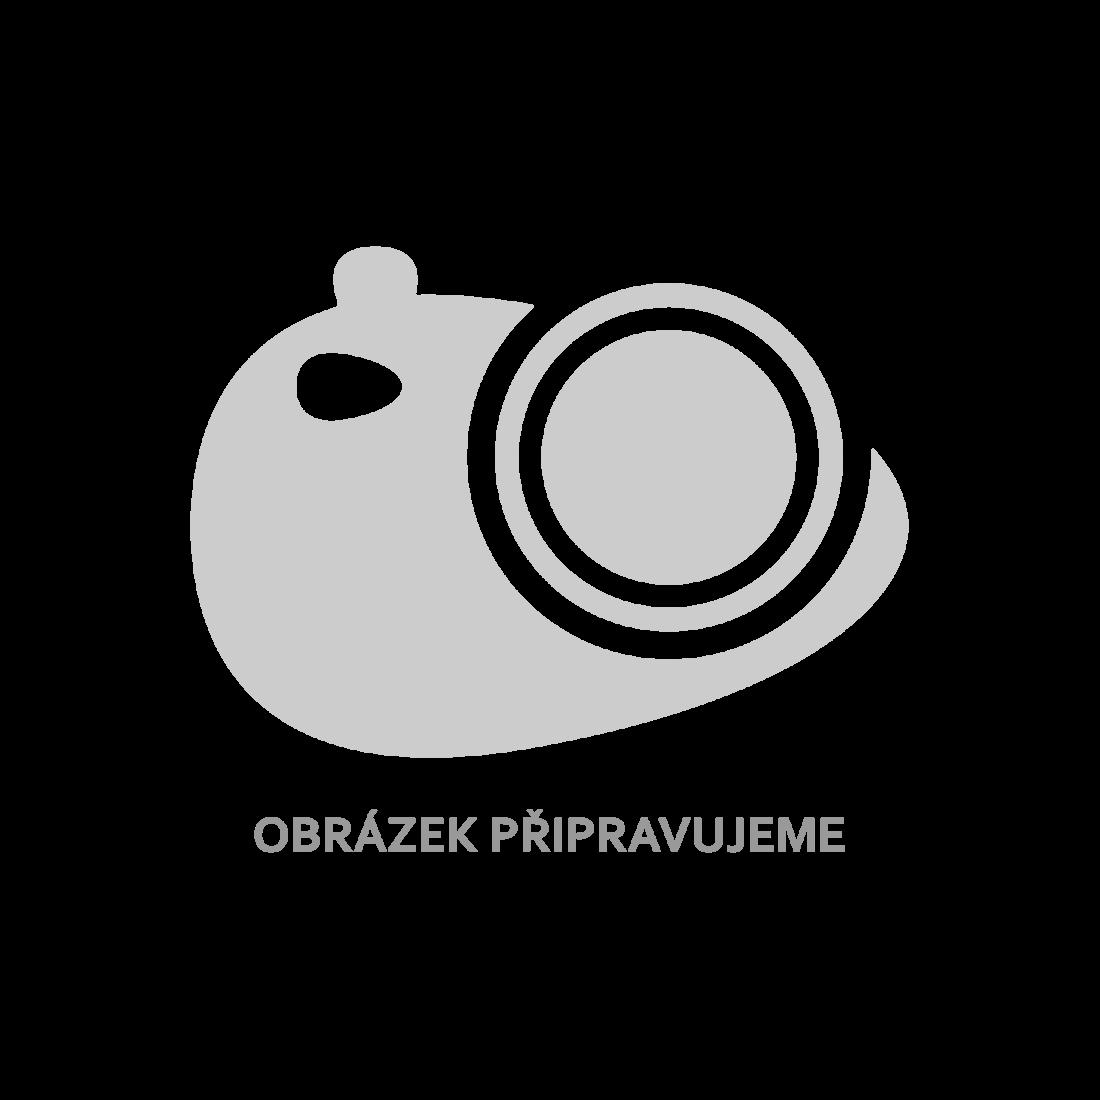 Dětský piknikový stůl, lavičky a slunečník vícebarevný dřevo